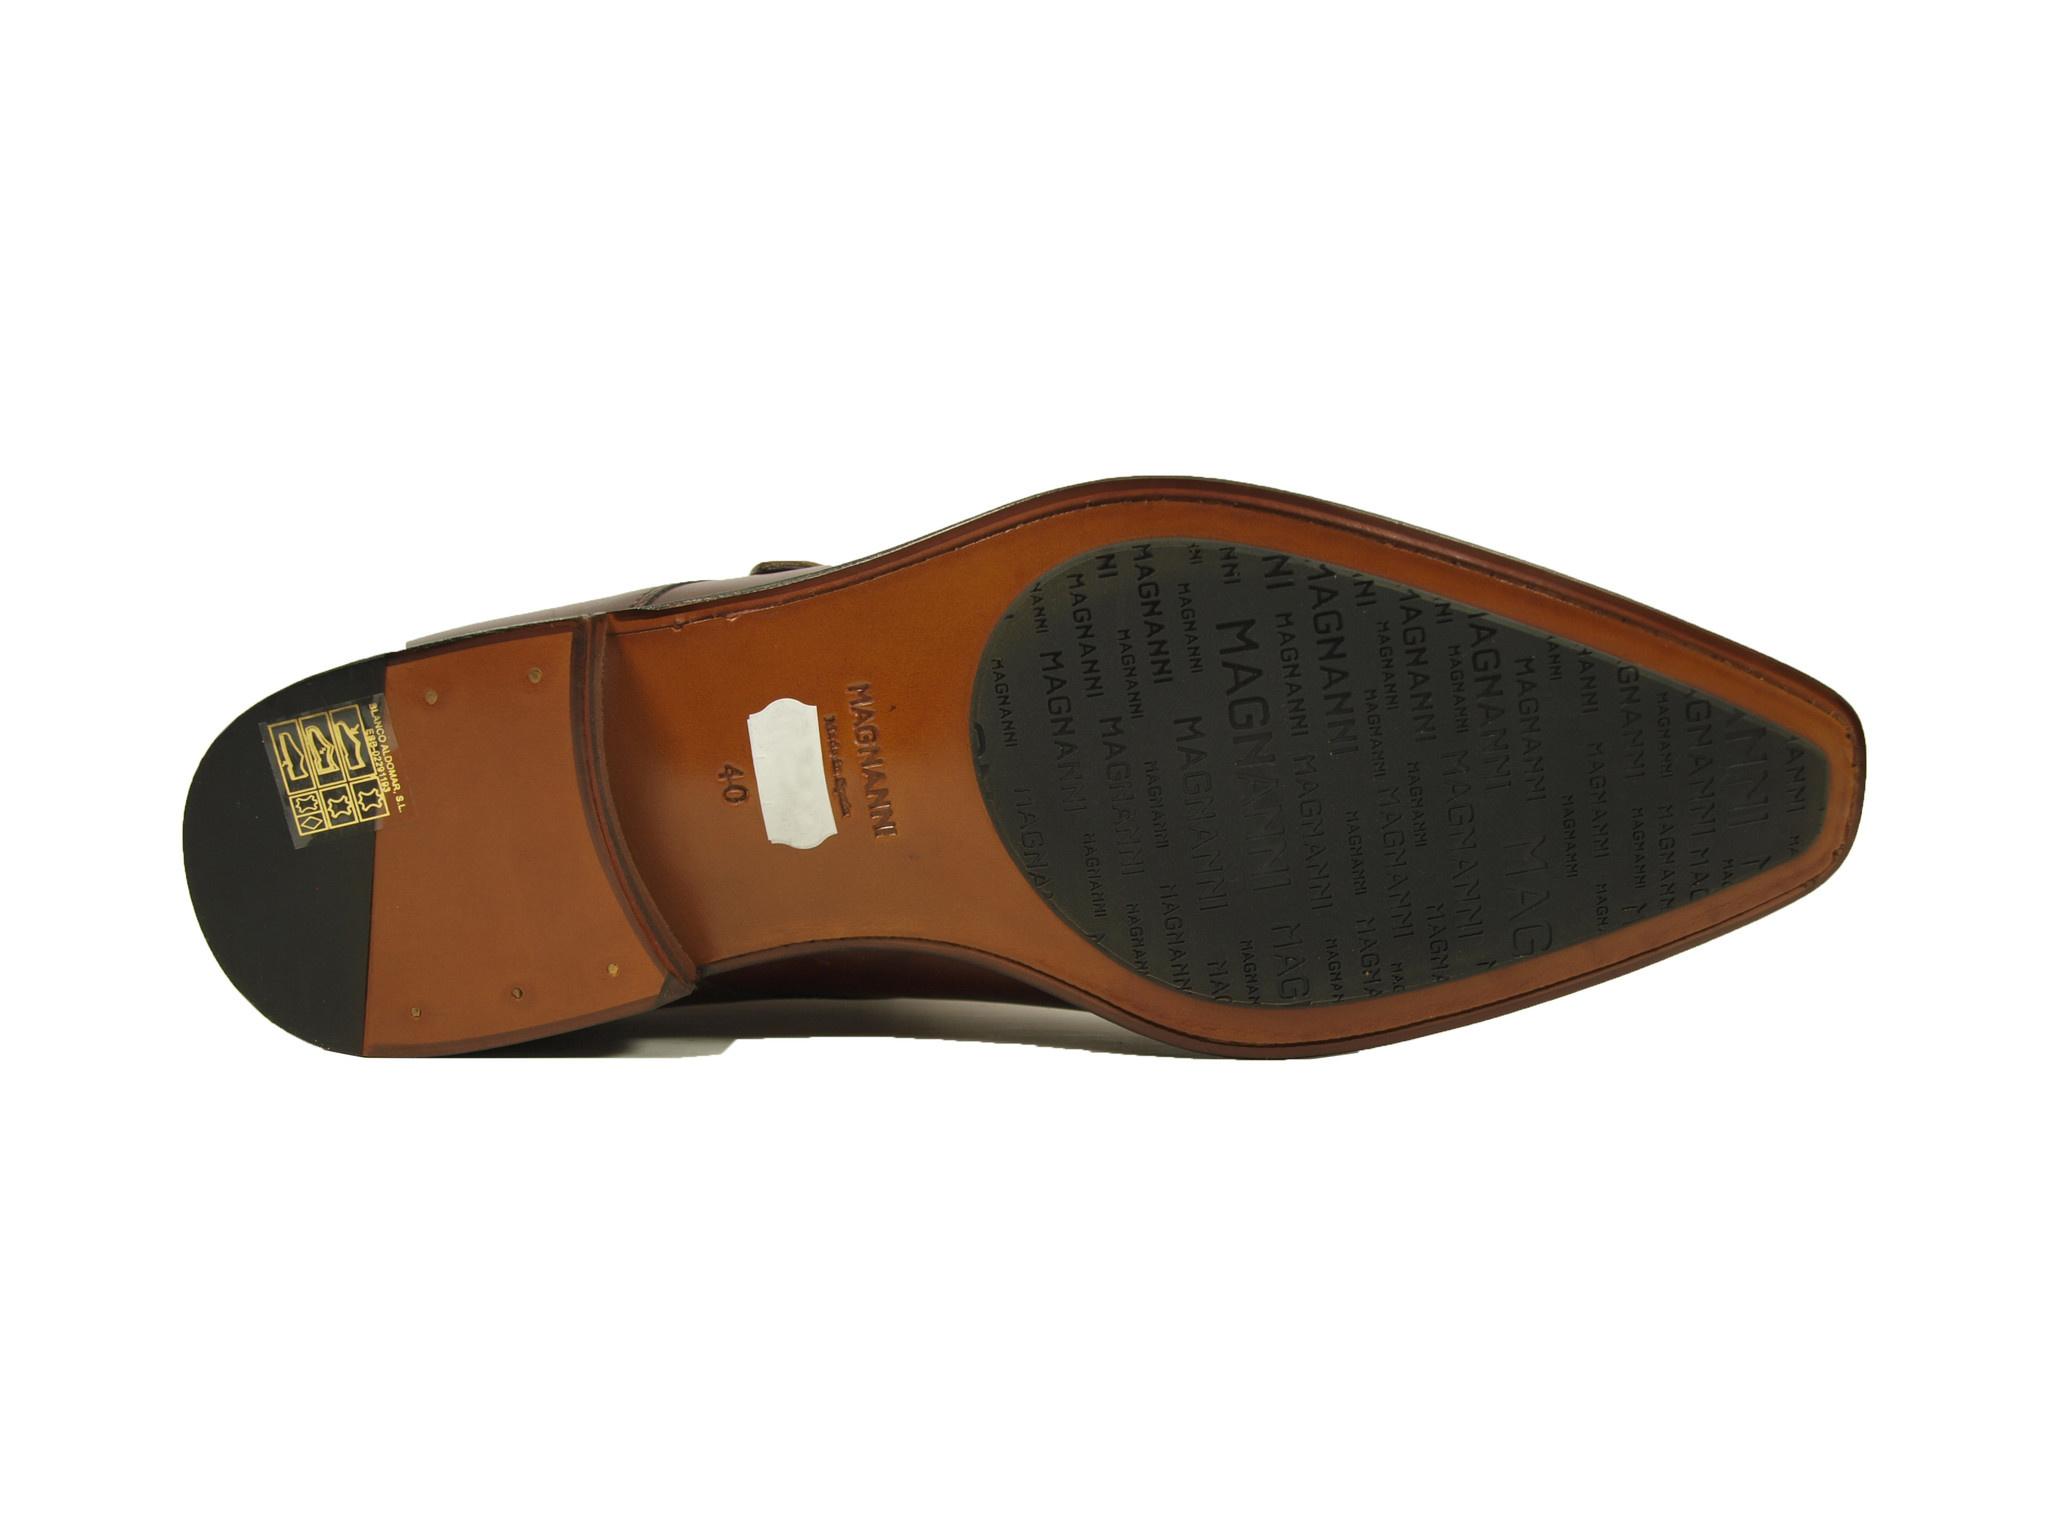 Magnanni Magnanni Veterschoen 23050 Cognac (Cuero Tabaco)